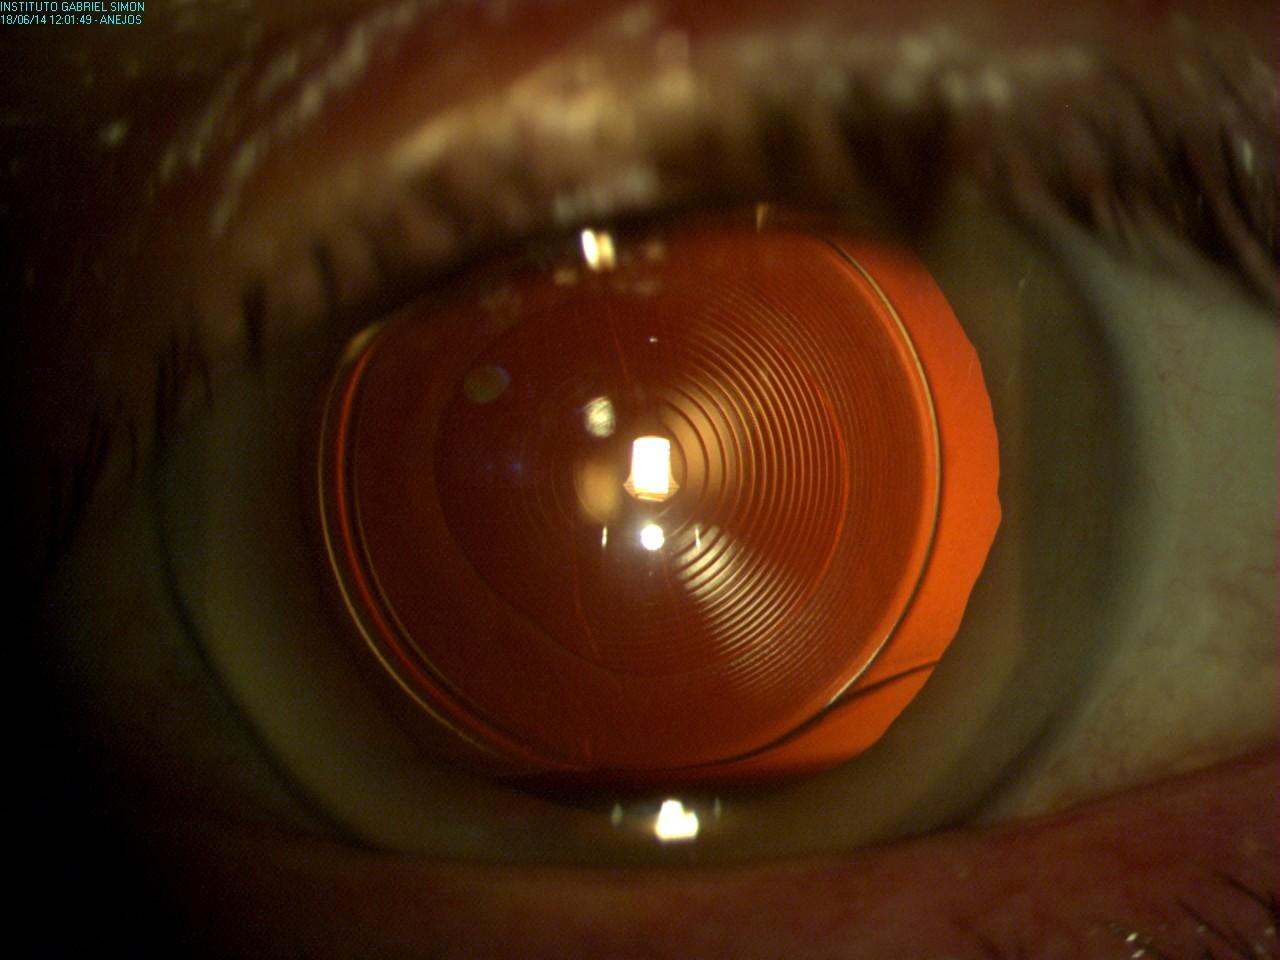 ad4723c8f1 Catarata sustituida por una lente multifocal anti-astigmática. Este tipo de  lentes permiten la corrección de los defectos refractivos que habitualmente  ...